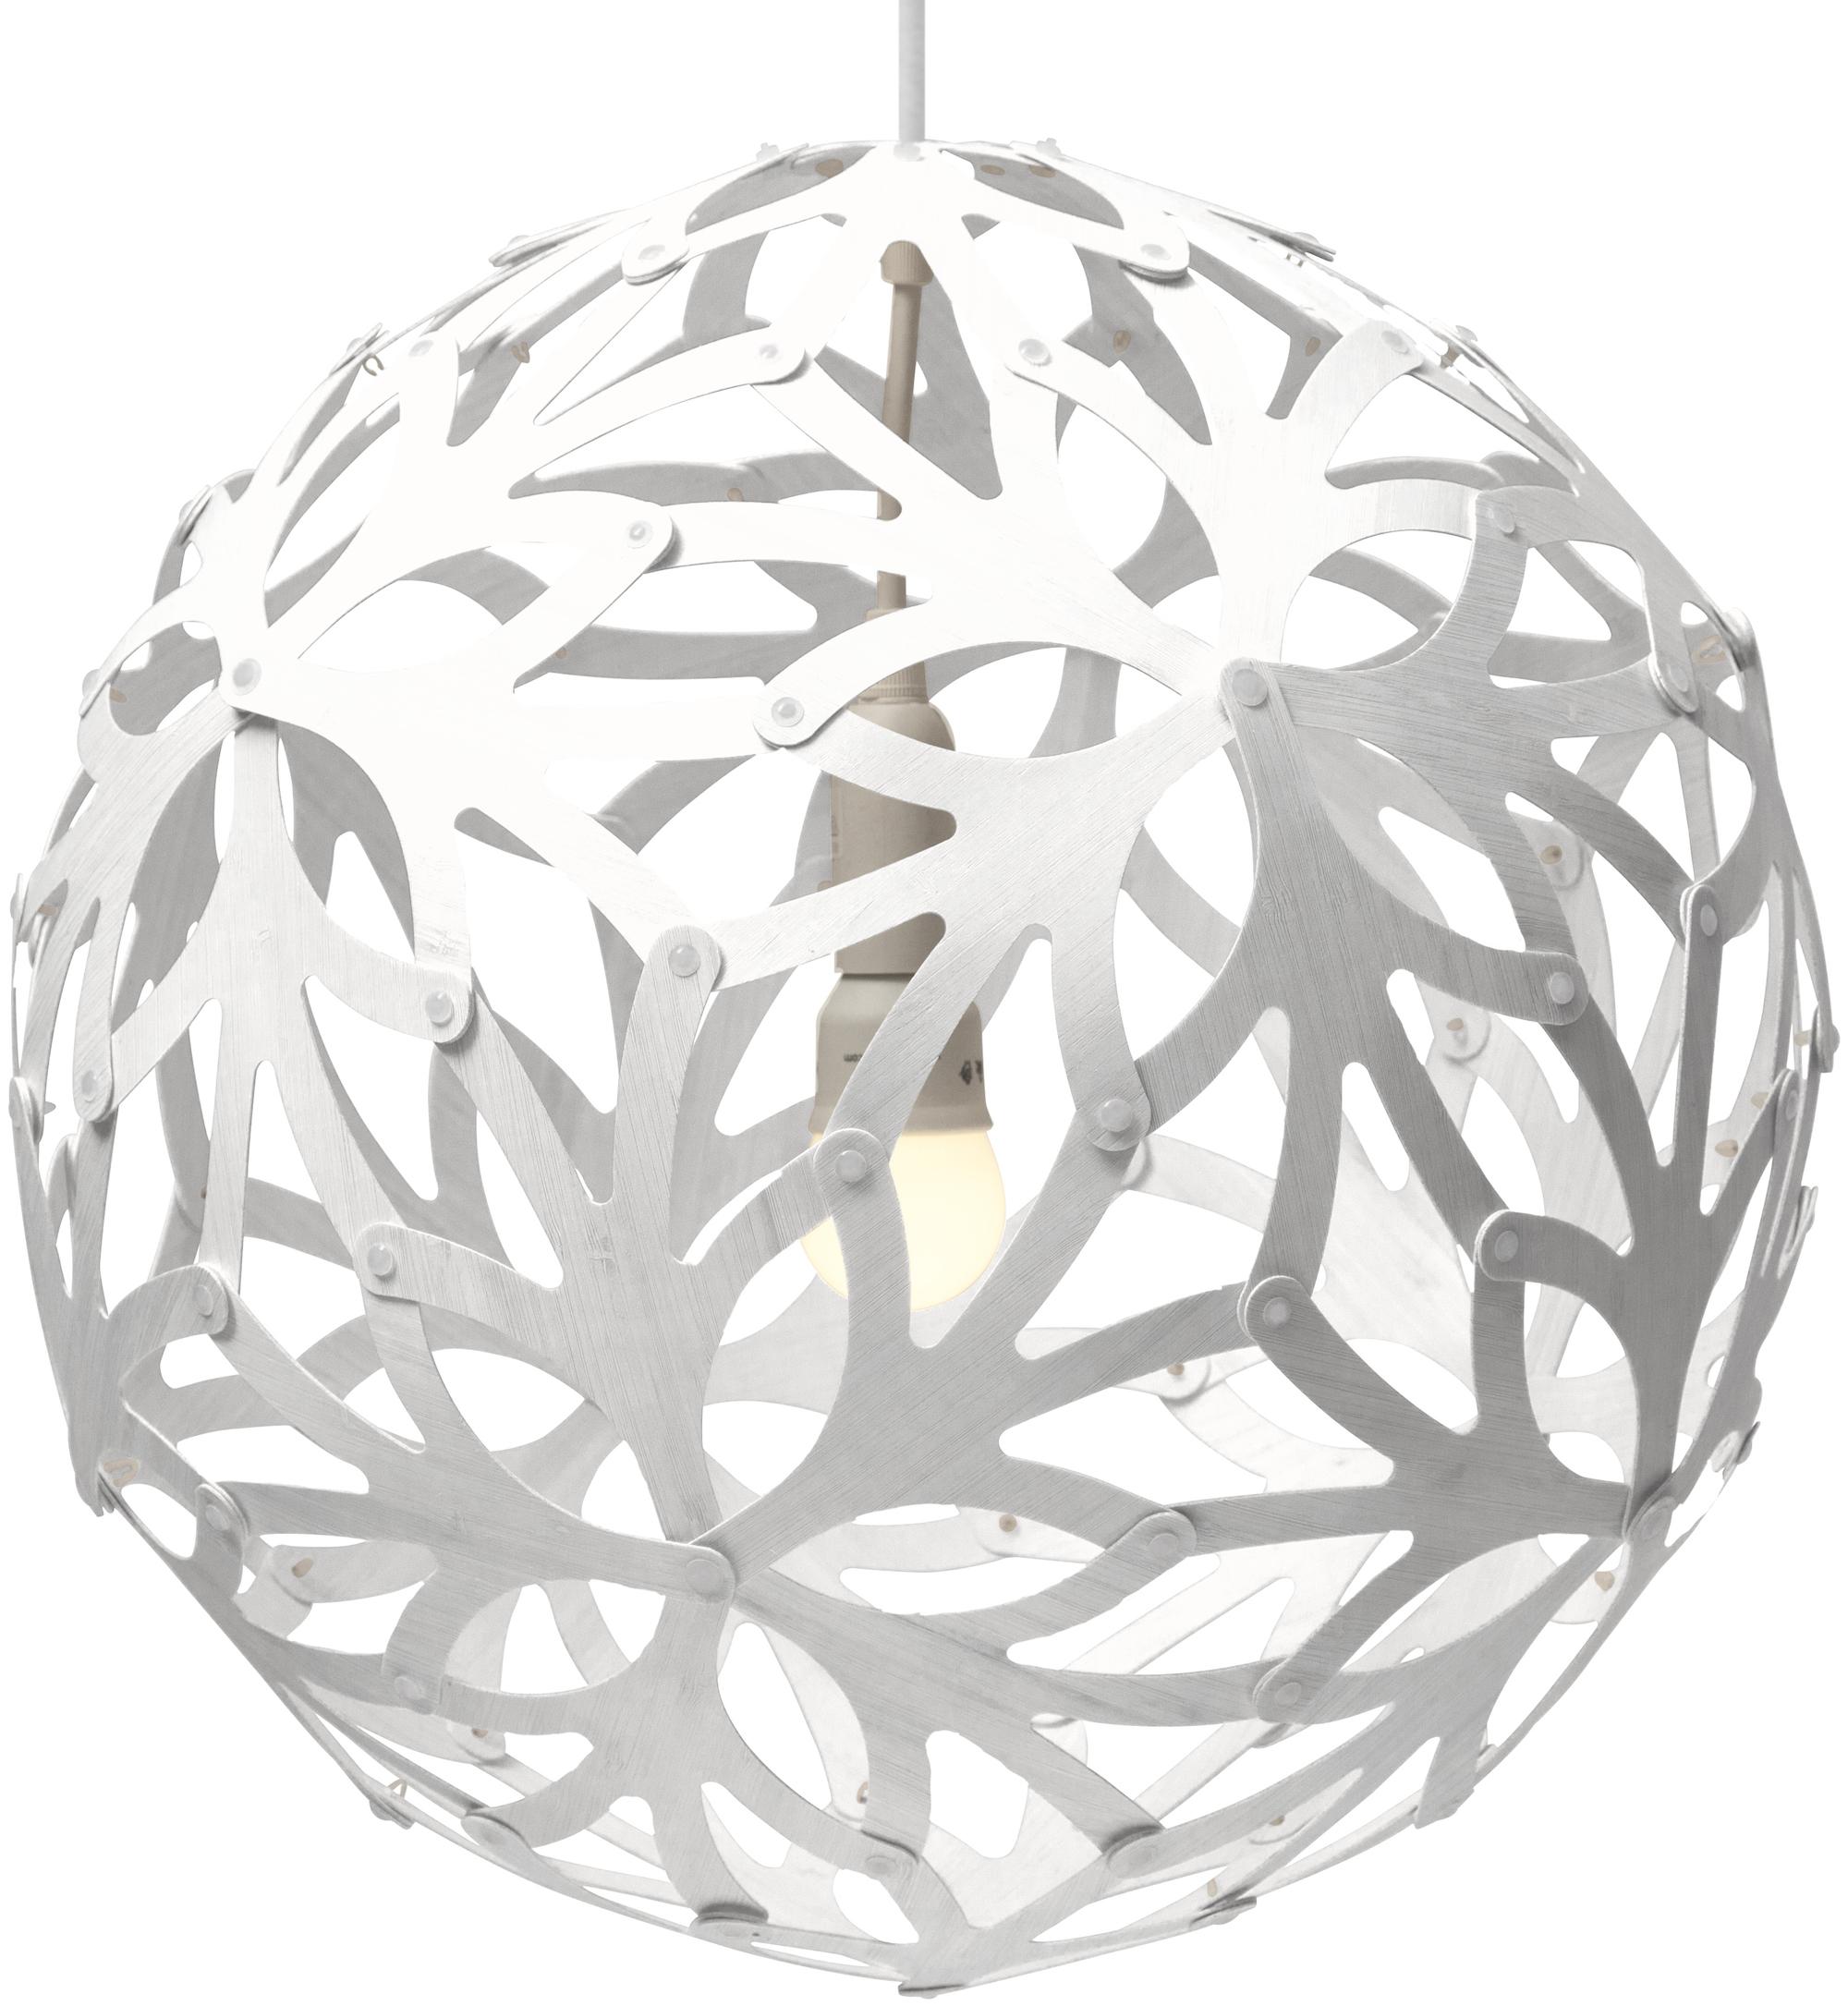 David trubridge suspension floral for Scandic design